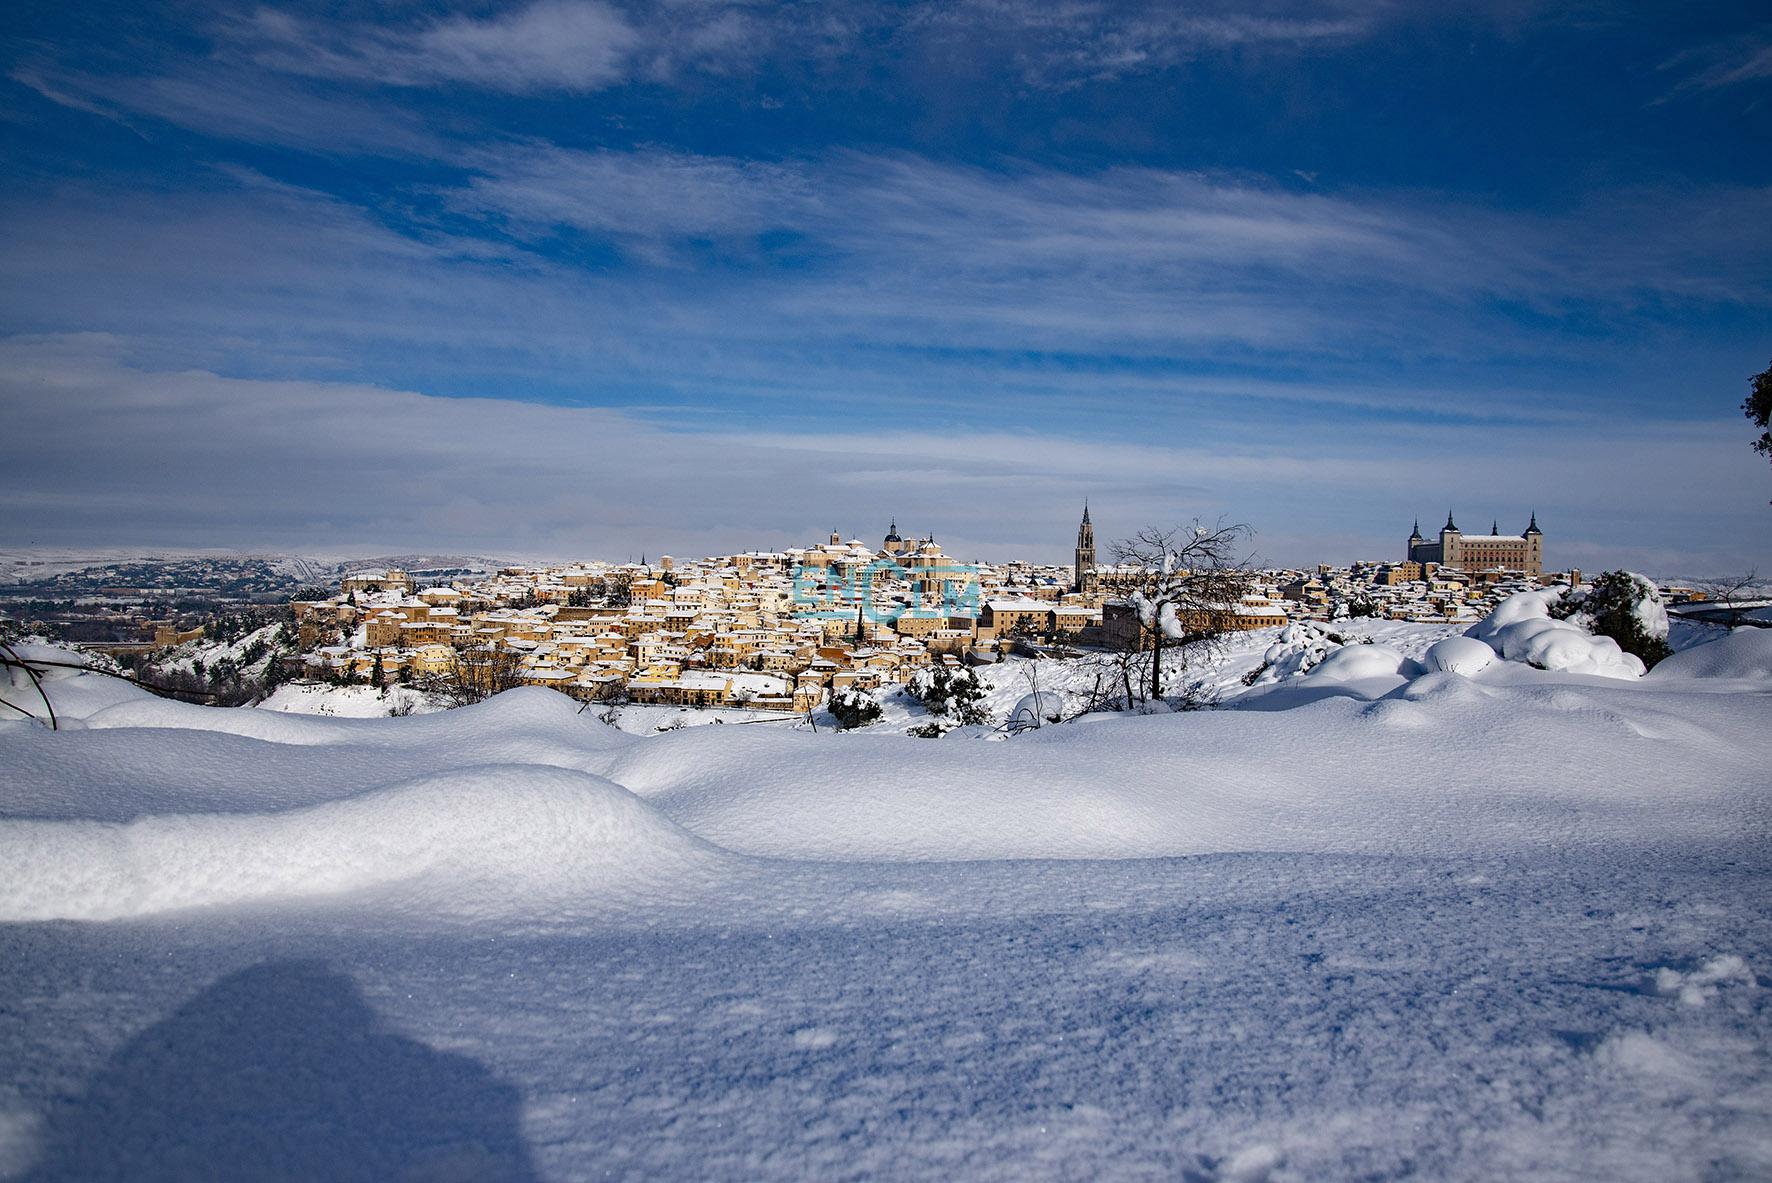 La nieve provocó que los colegios en la ciudad de Toledo tuvieran que suspenderse en el modo presencial hasta que la seguridad de los edificios fuera plena.